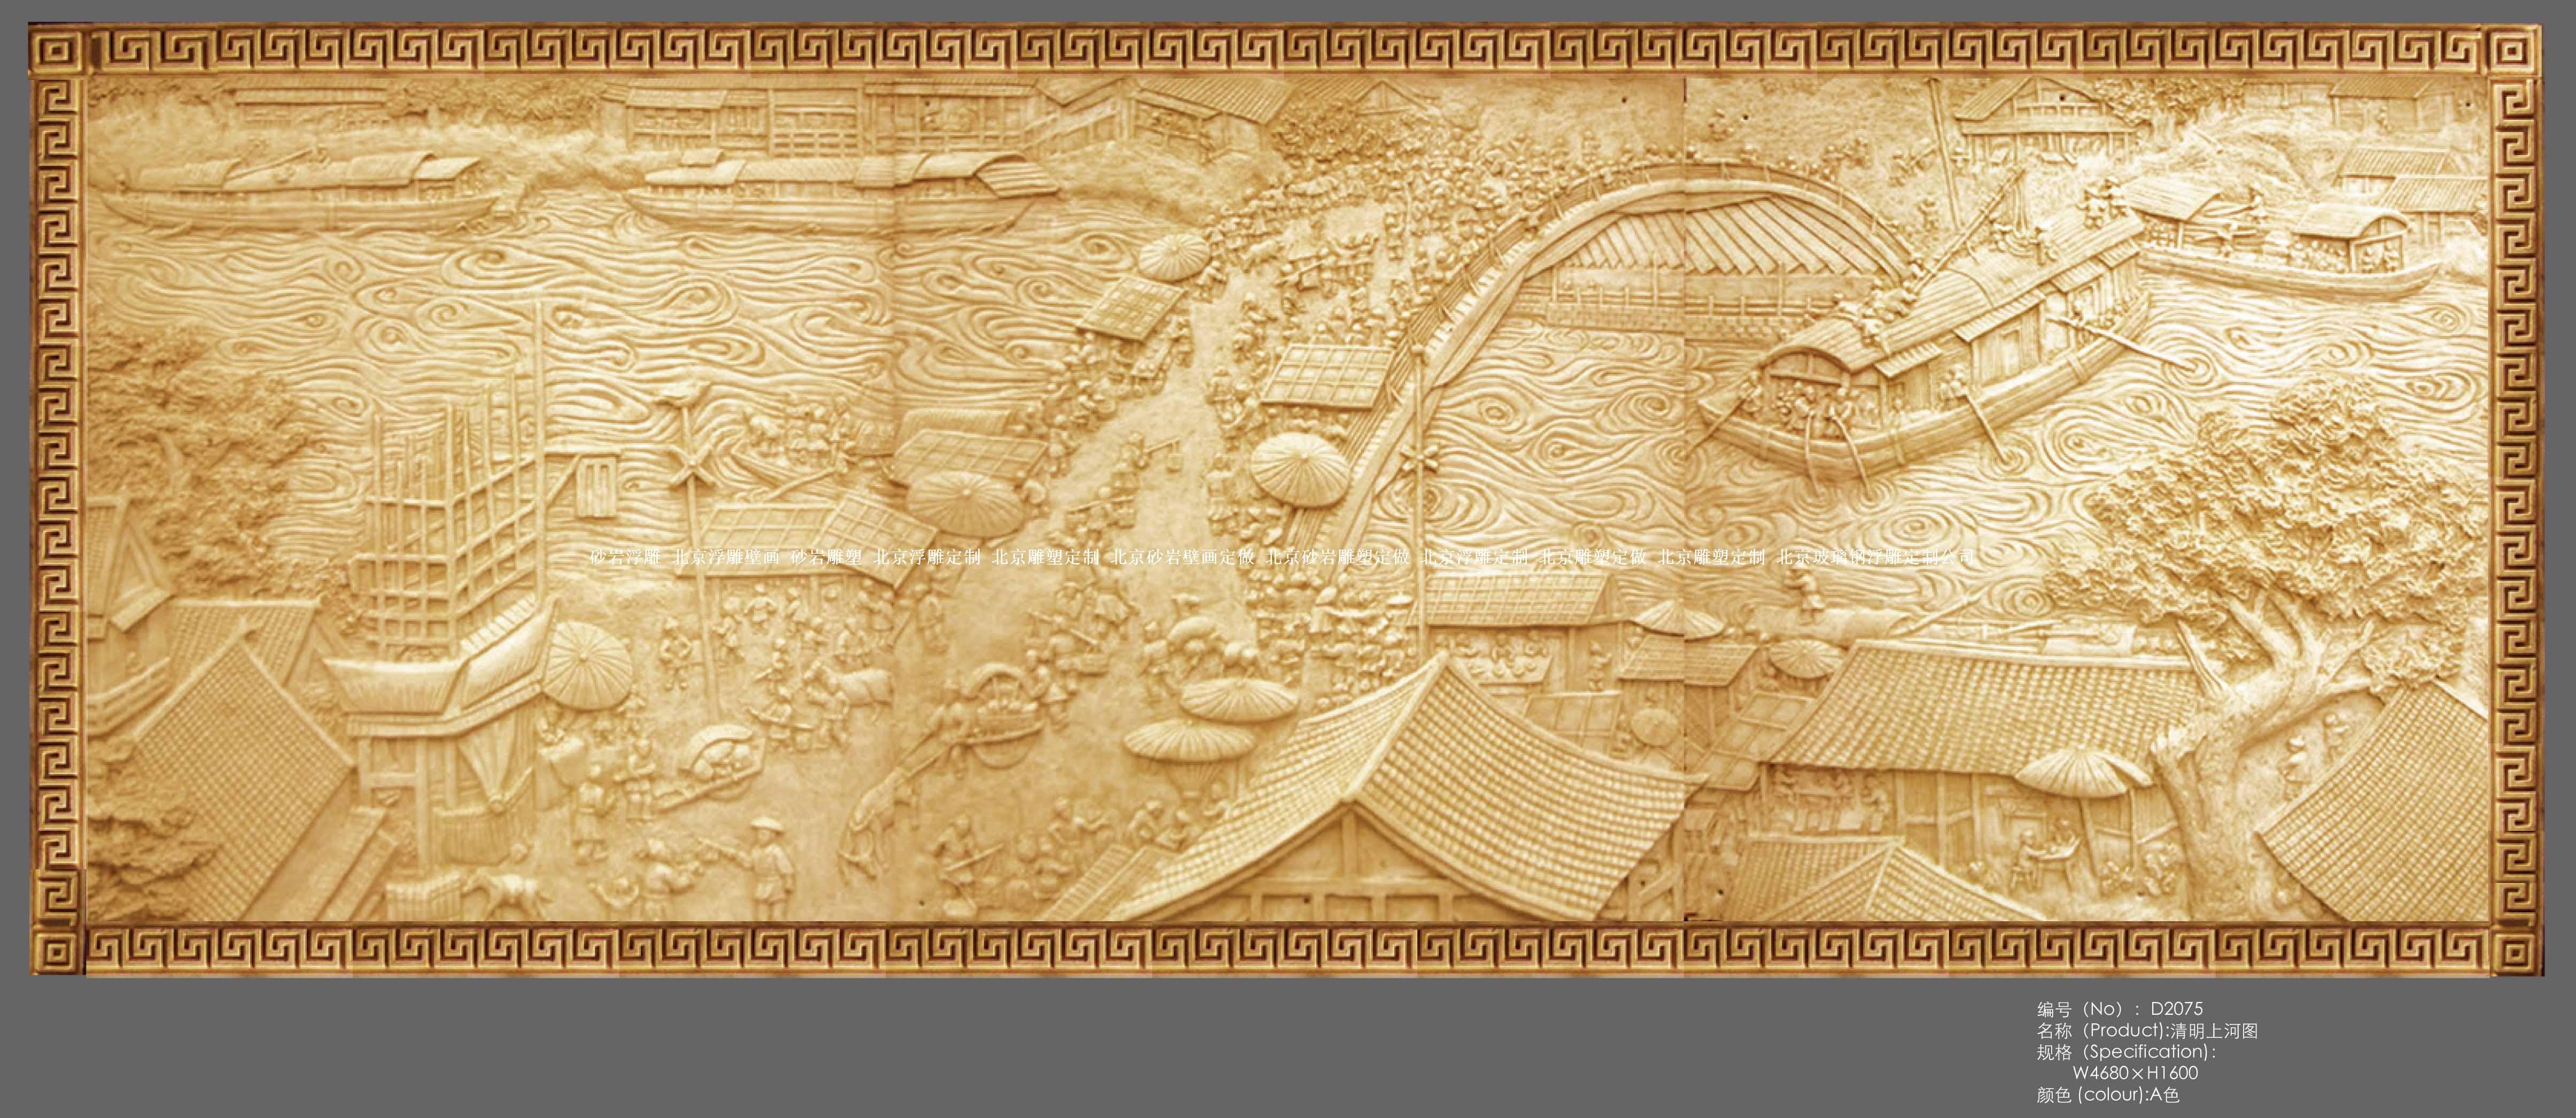 锻铜浮雕壁画图片